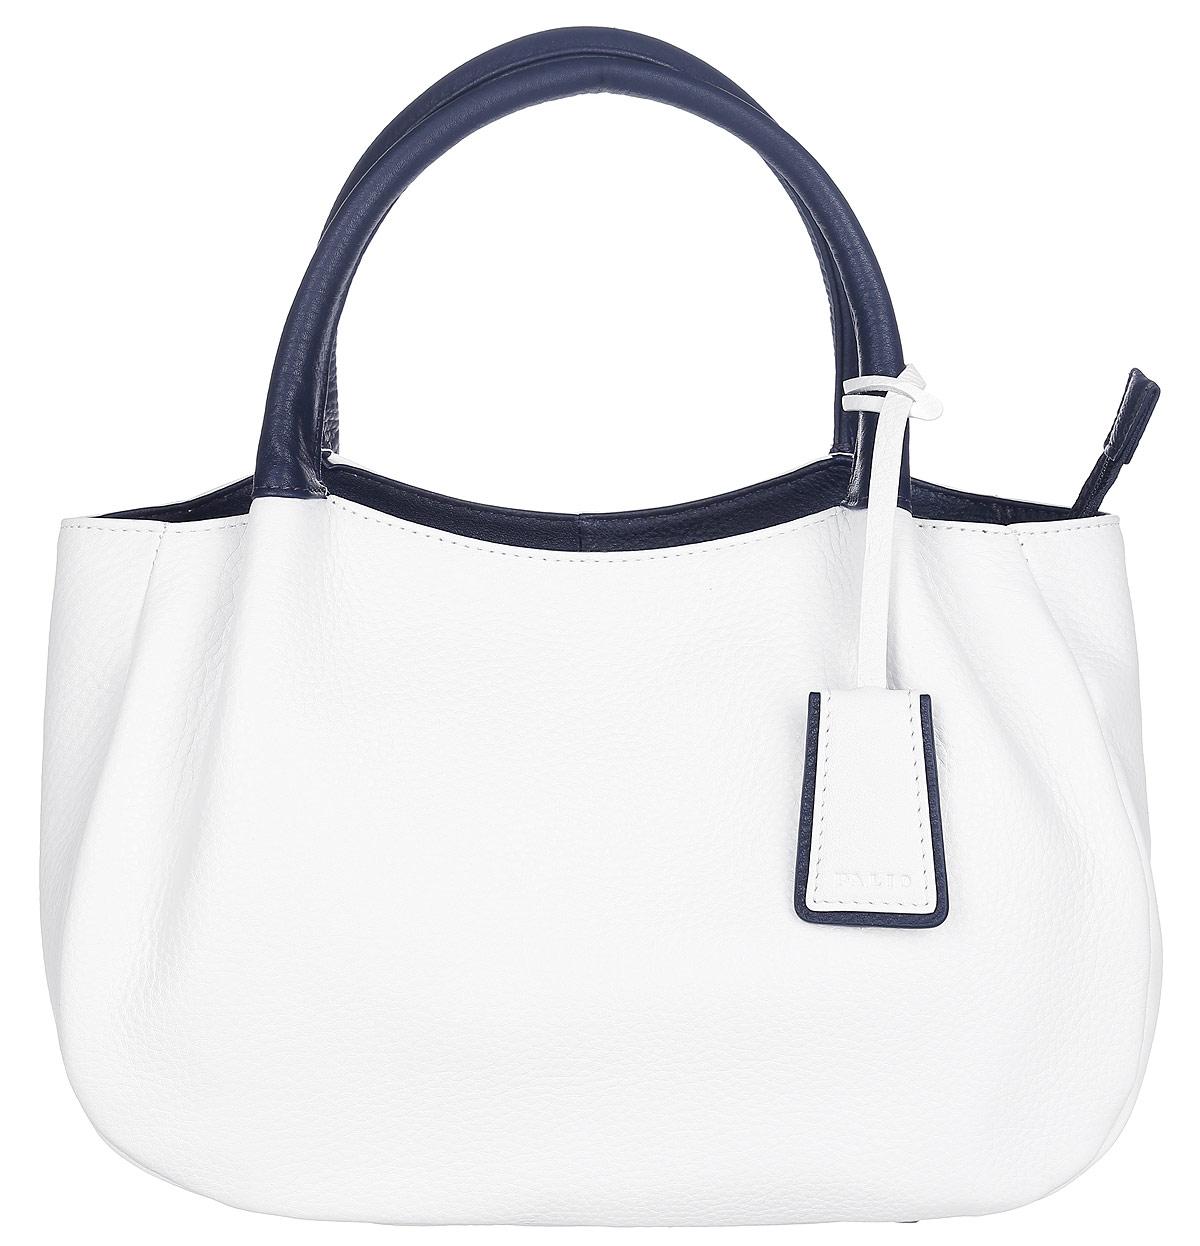 Сумка женская Palio, цвет: белый. 13684AS3-W1 065/81813684AS3-W1 065/818 whiteСтильная сумка Palio, выполненная из натуральной кожи с зернистой фактурой, оформлена декоративной подвеской с символикой бренда. Изделие застегивается на застежку-молнию. Внутри сумки расположены два накладных кармашка для мелочей, карман-средник на молнии и врезной карман на молнии. На задней стороне сумки расположен врезной карман на молнии. Изделие оснащено съемным плечевым ремнем регулируемой длины и двумя удобными ручками, дно дополнено металлическими ножками. К сумке прилагается фирменный чехол для хранения. Элегантная сумка прекрасно дополнит ваш образ.